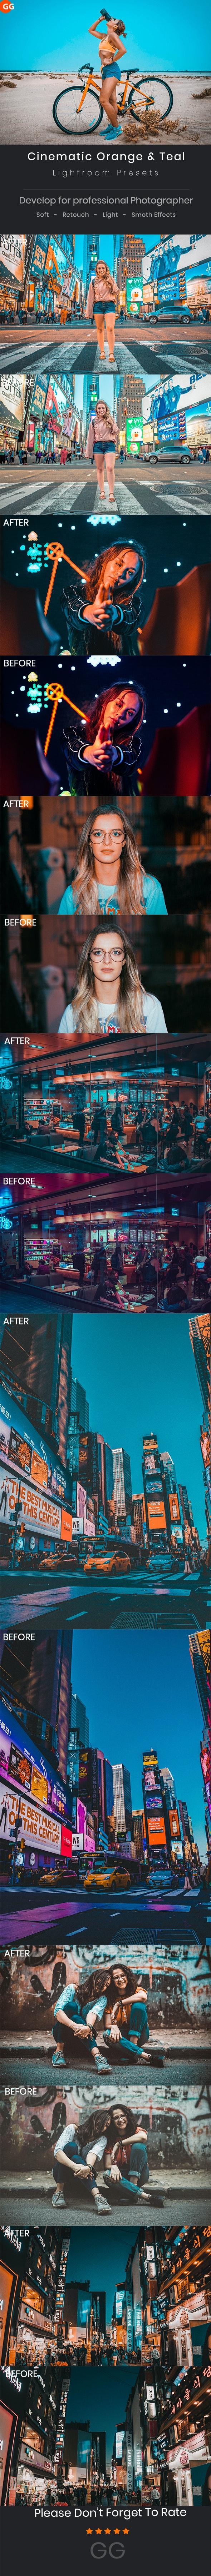 30 Cinematic Orange & Teal Lightroom Presets - Cinematic Lightroom Presets